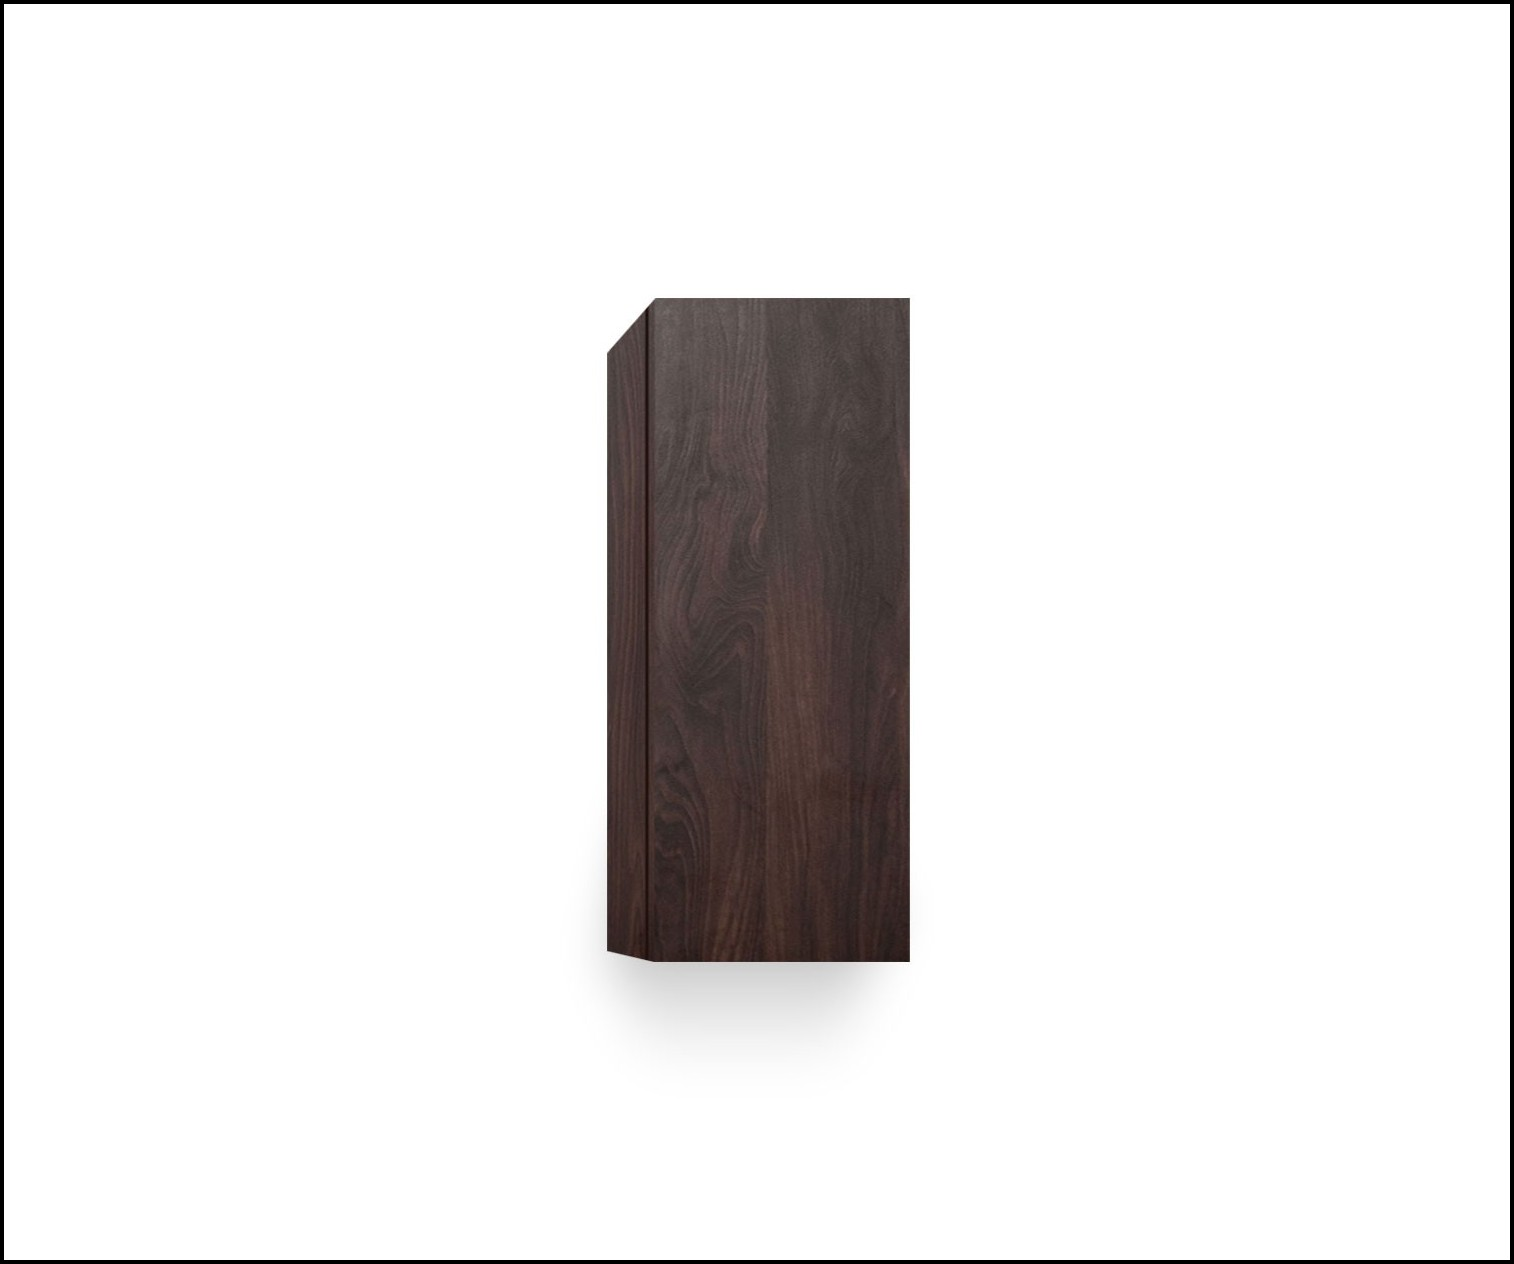 Hängeschränke Wohnzimmer Ikea Download Page